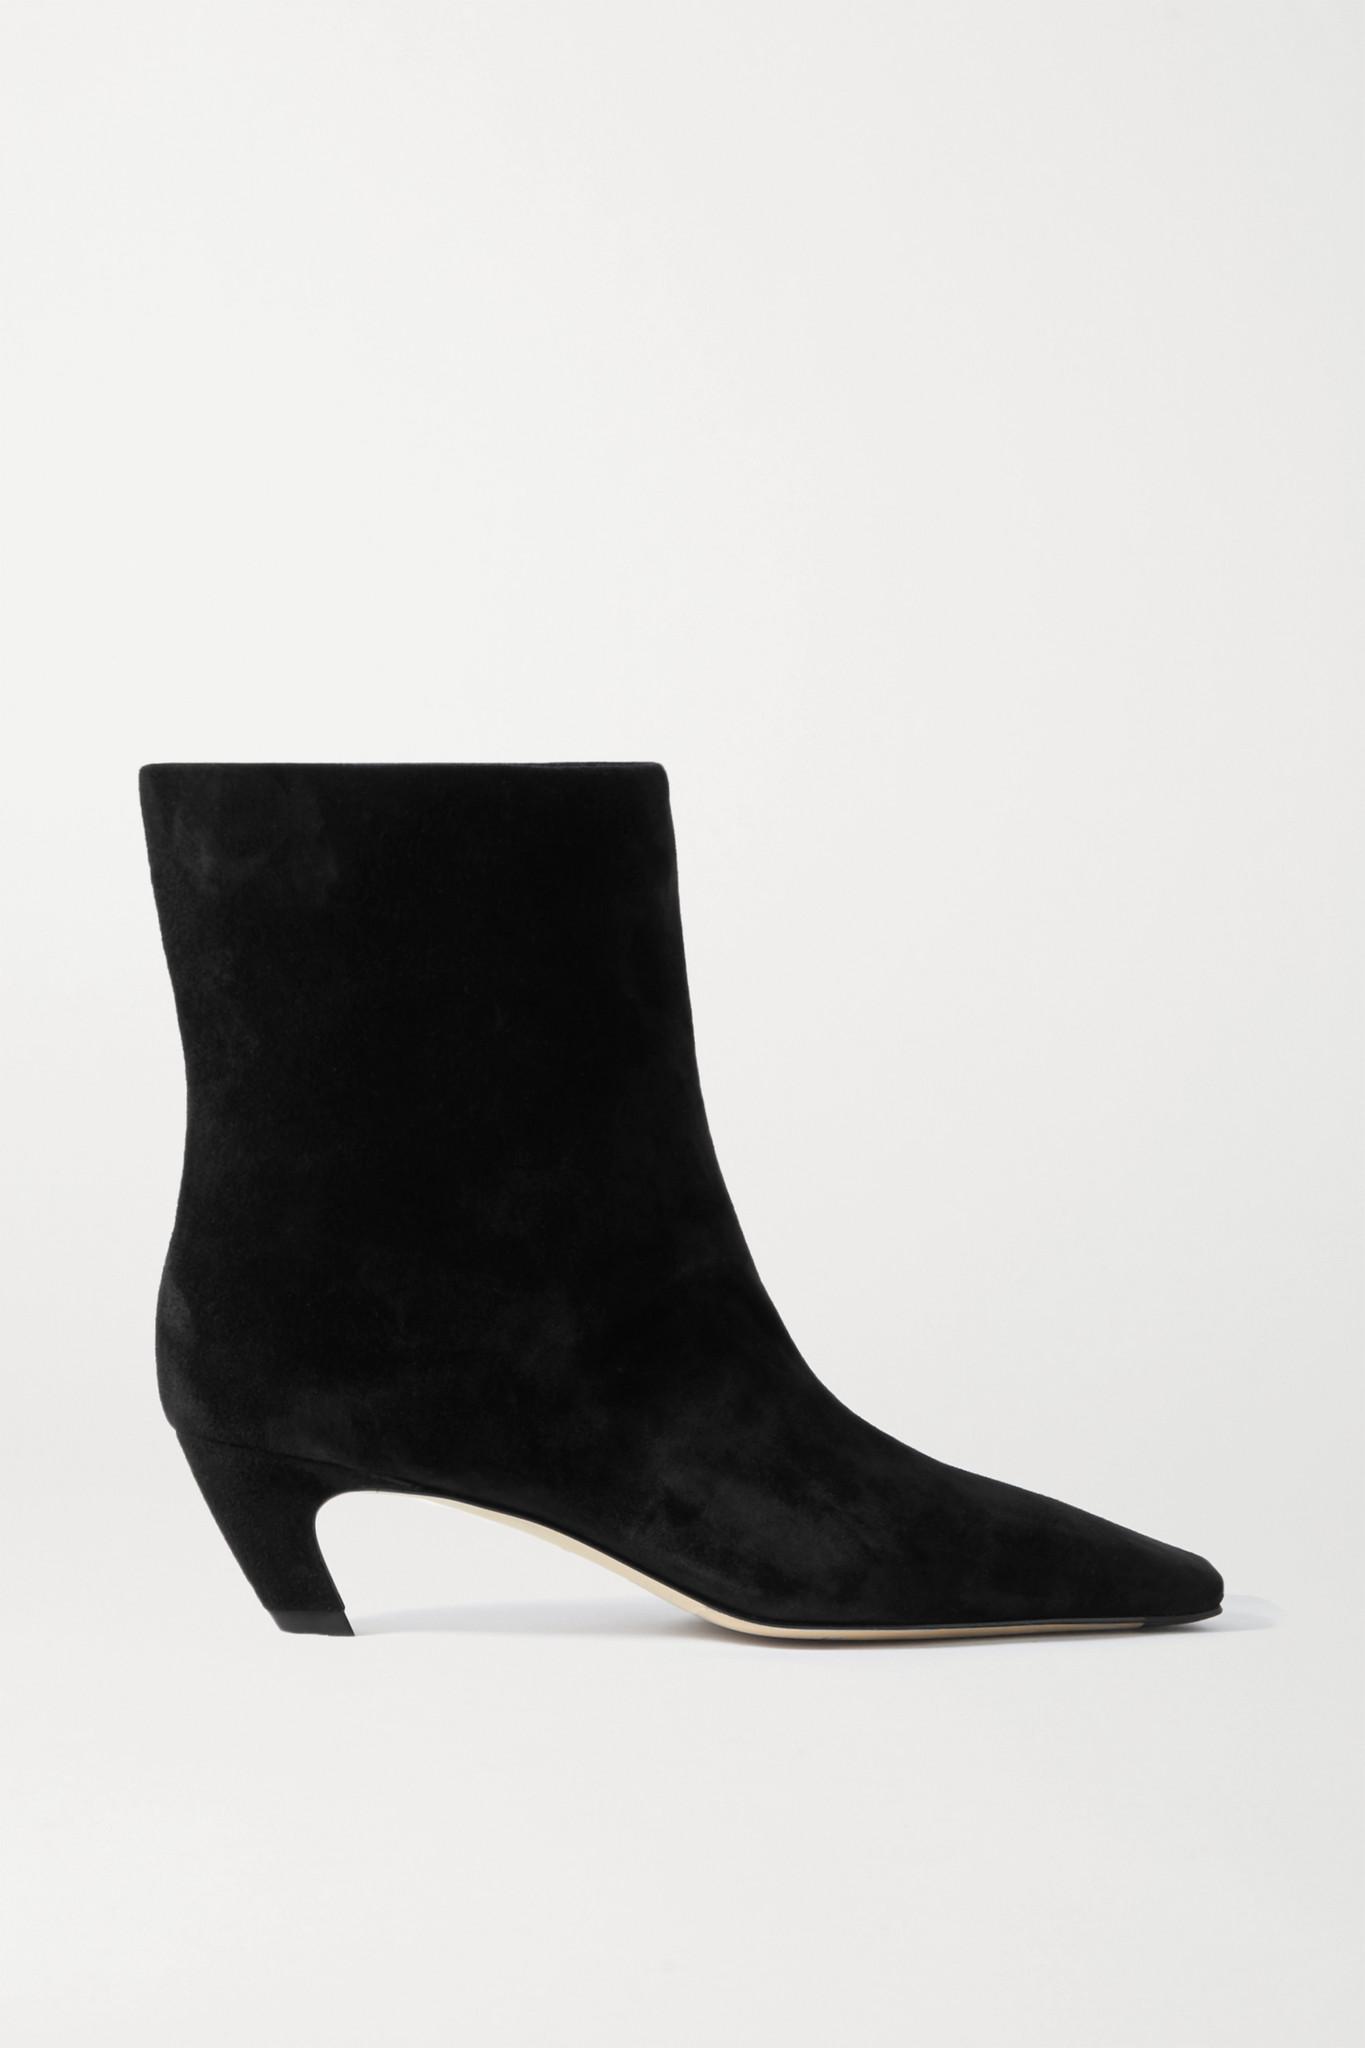 KHAITE - Arizona Suede Ankle Boots - Black - IT40